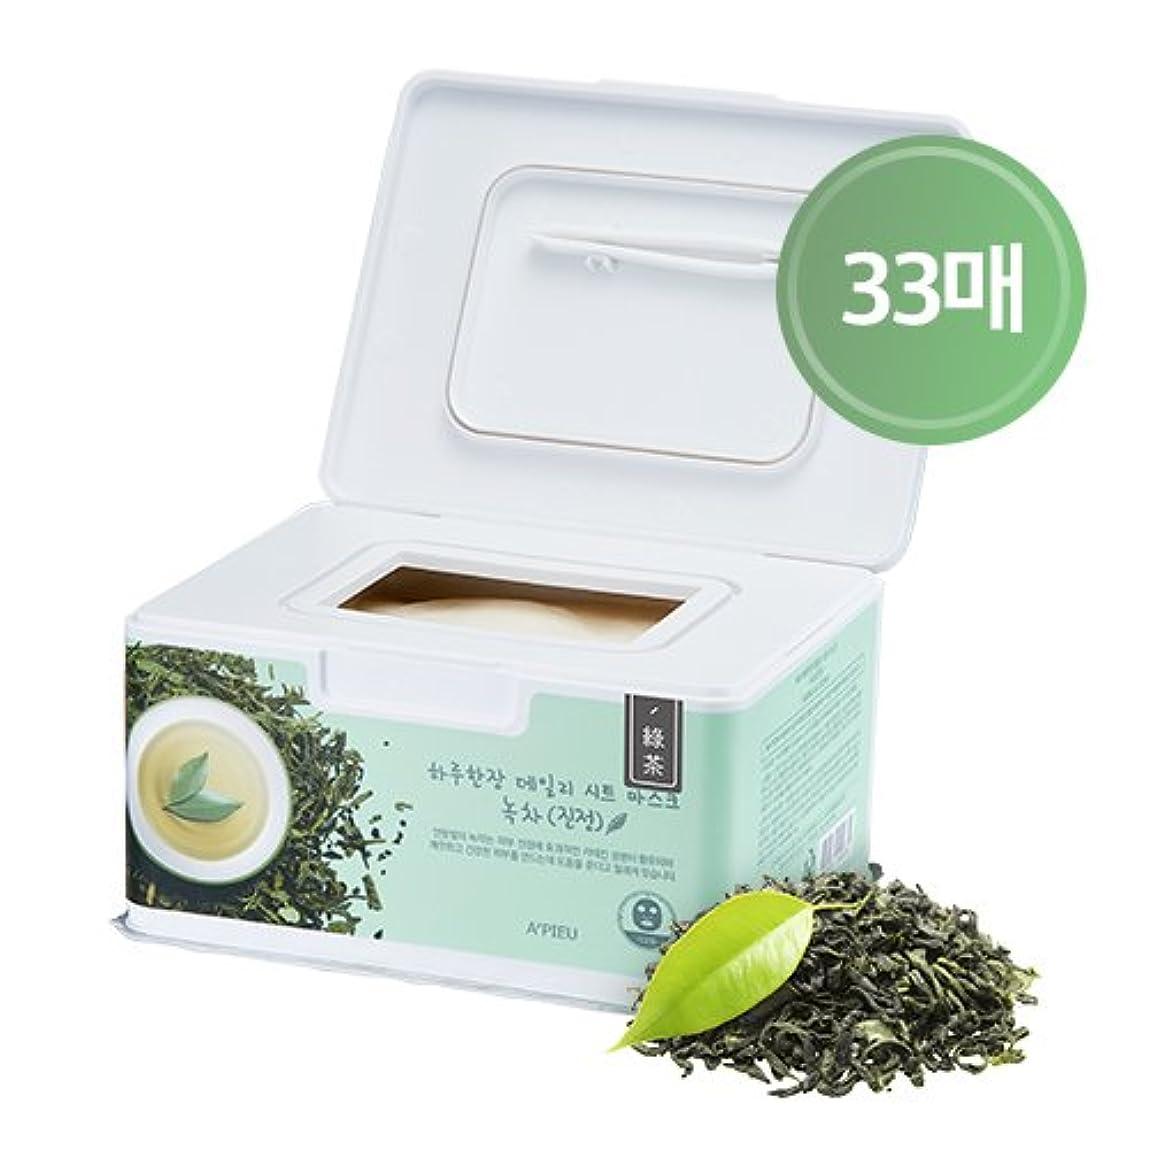 APIEU DAILY Sheet Mask _ Green Tea (Soothing) / [オピュ/アピュ] デイリーシートマスク_緑茶 (スージング) [並行輸入品]